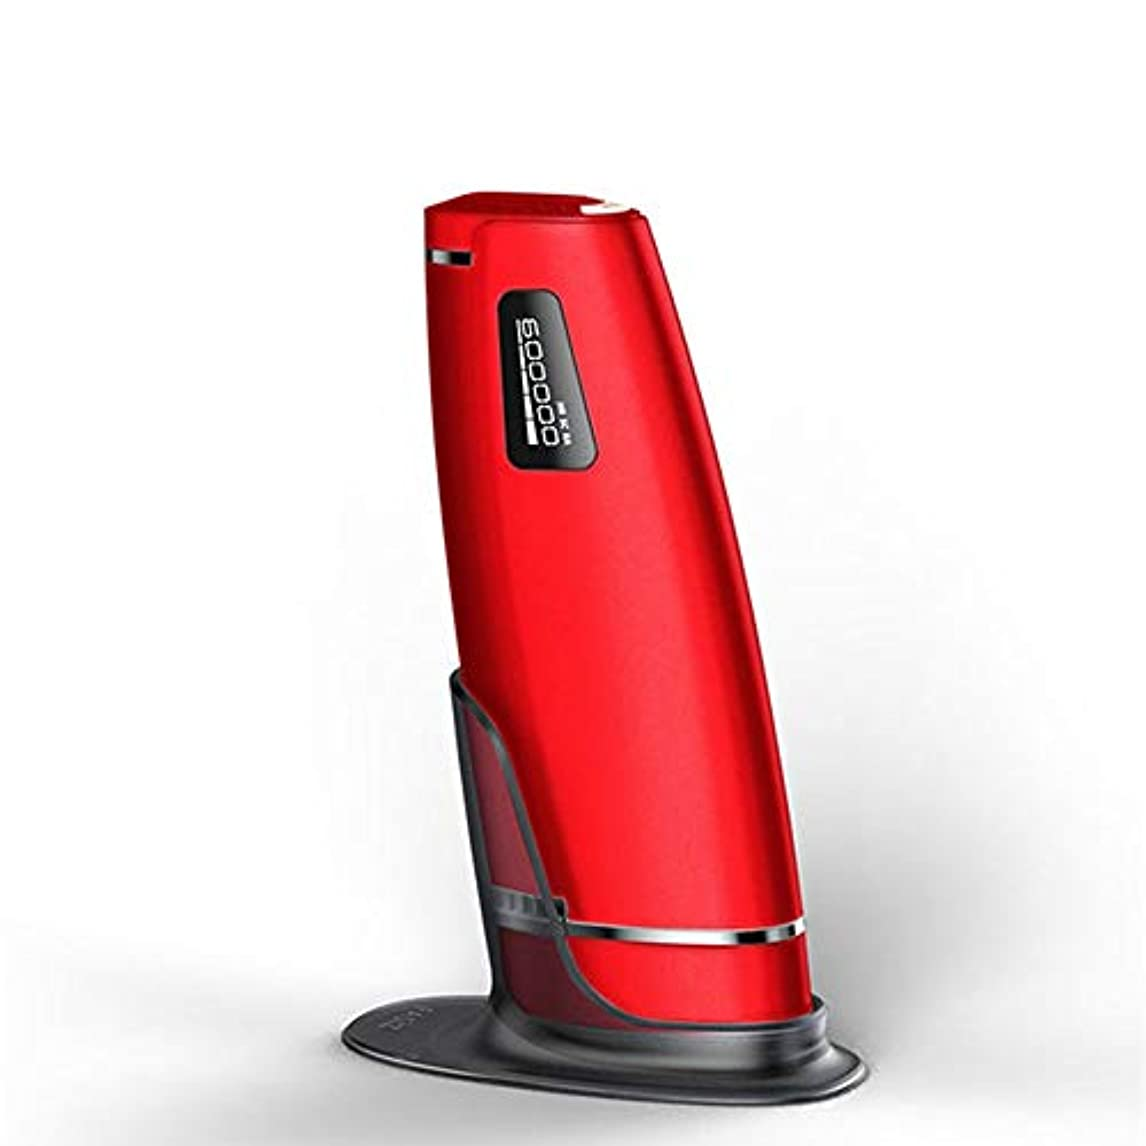 爆発望まないファセット赤、デュアルモード、ホームオートマチック無痛脱毛剤、携帯用永久脱毛剤、5スピード調整、サイズ20.5 X 4.5 X 7 Cm 髪以外はきれい (Color : Red)